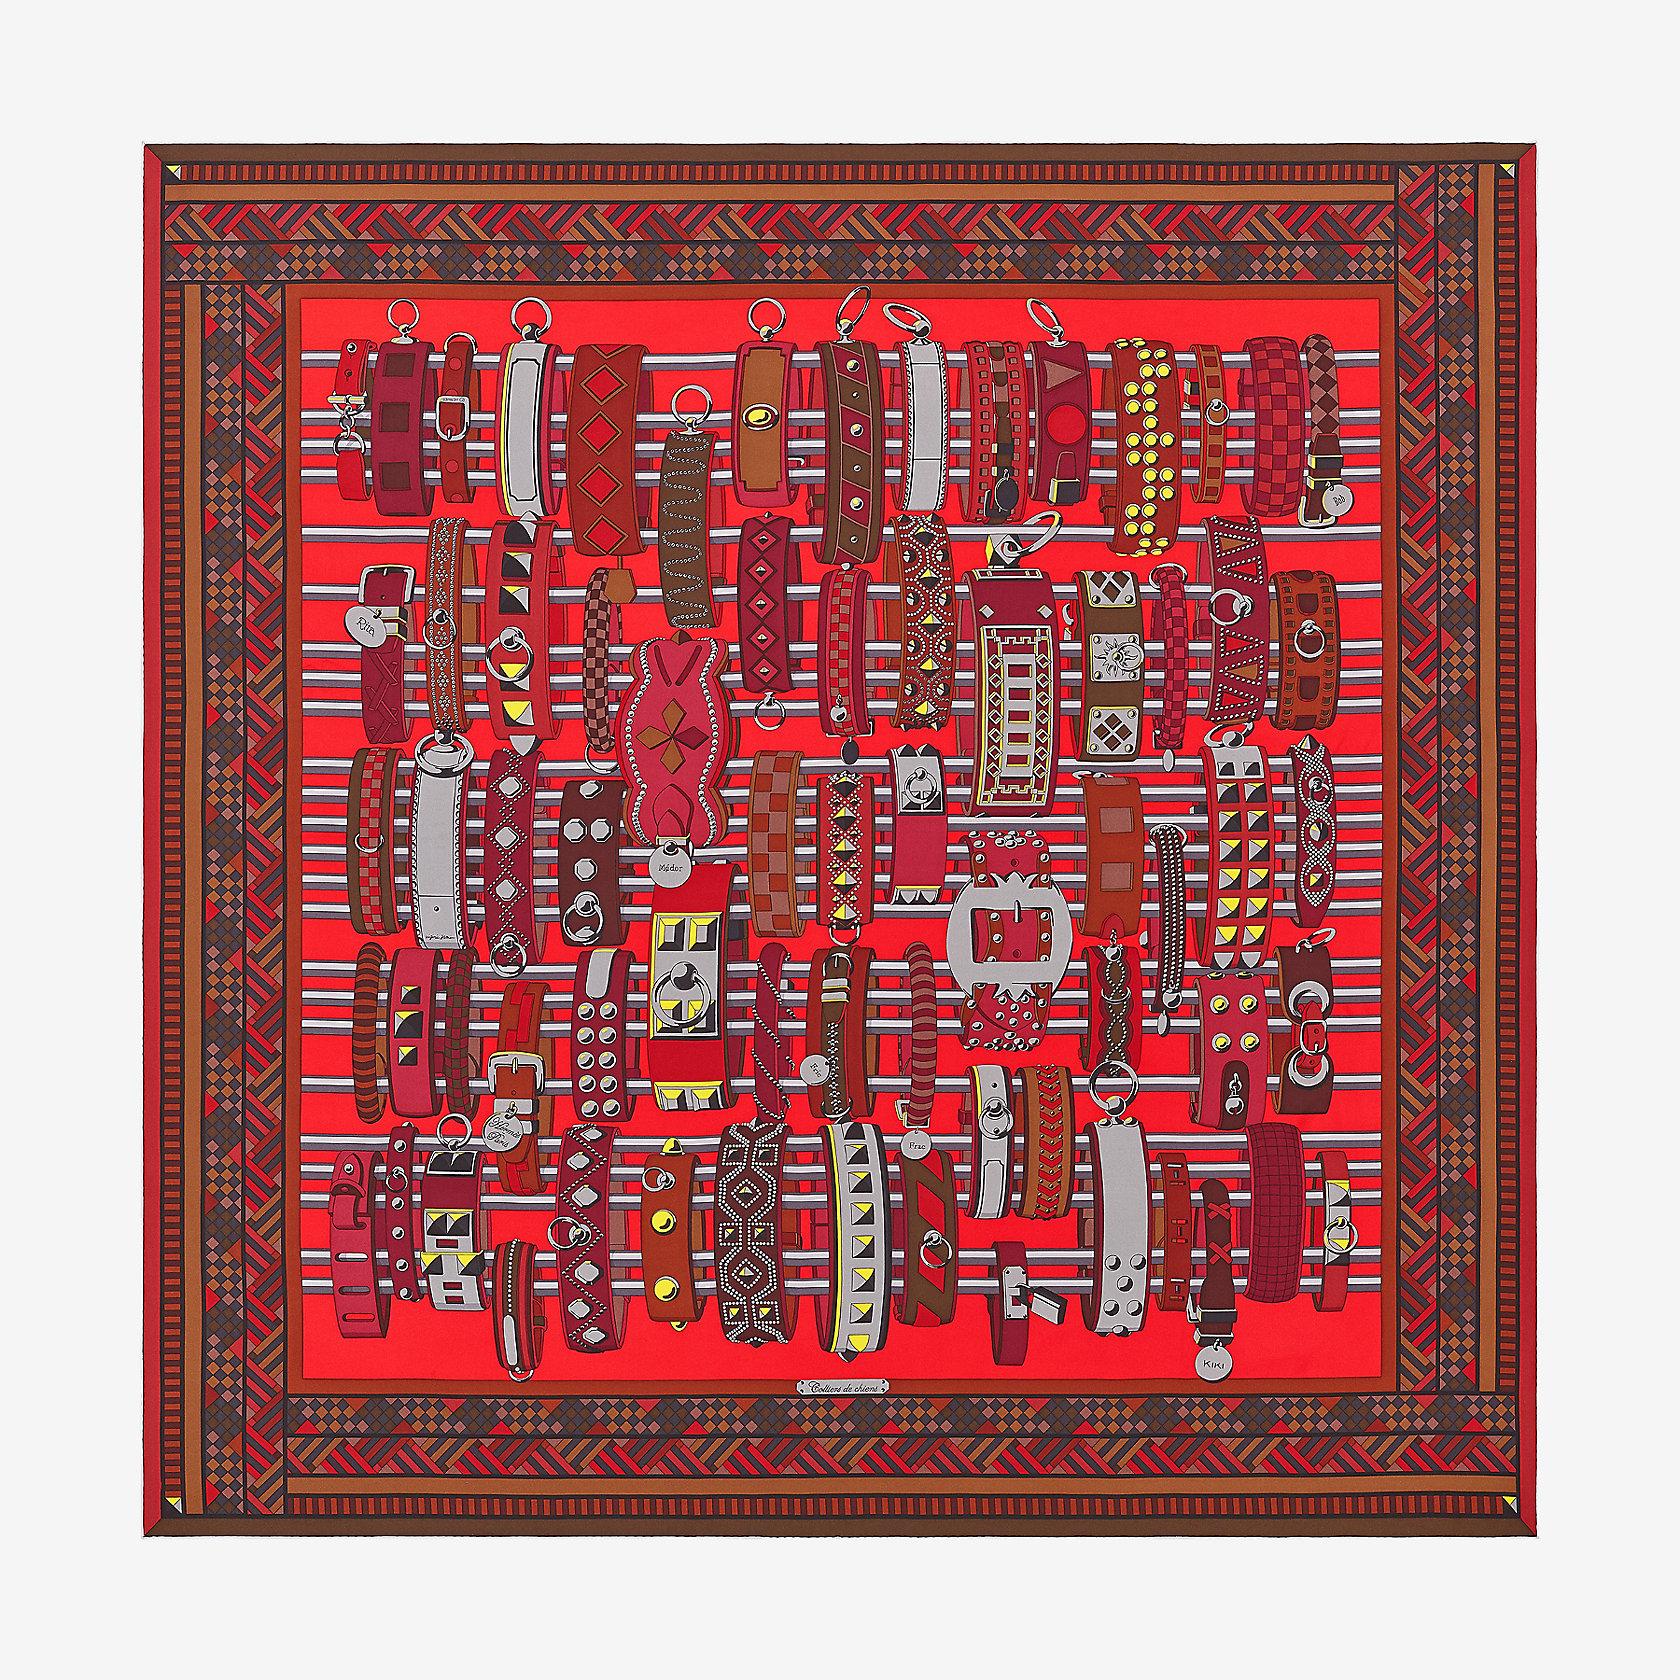 de742e2dfb7 Colliers de Chiens Remix scarf 140